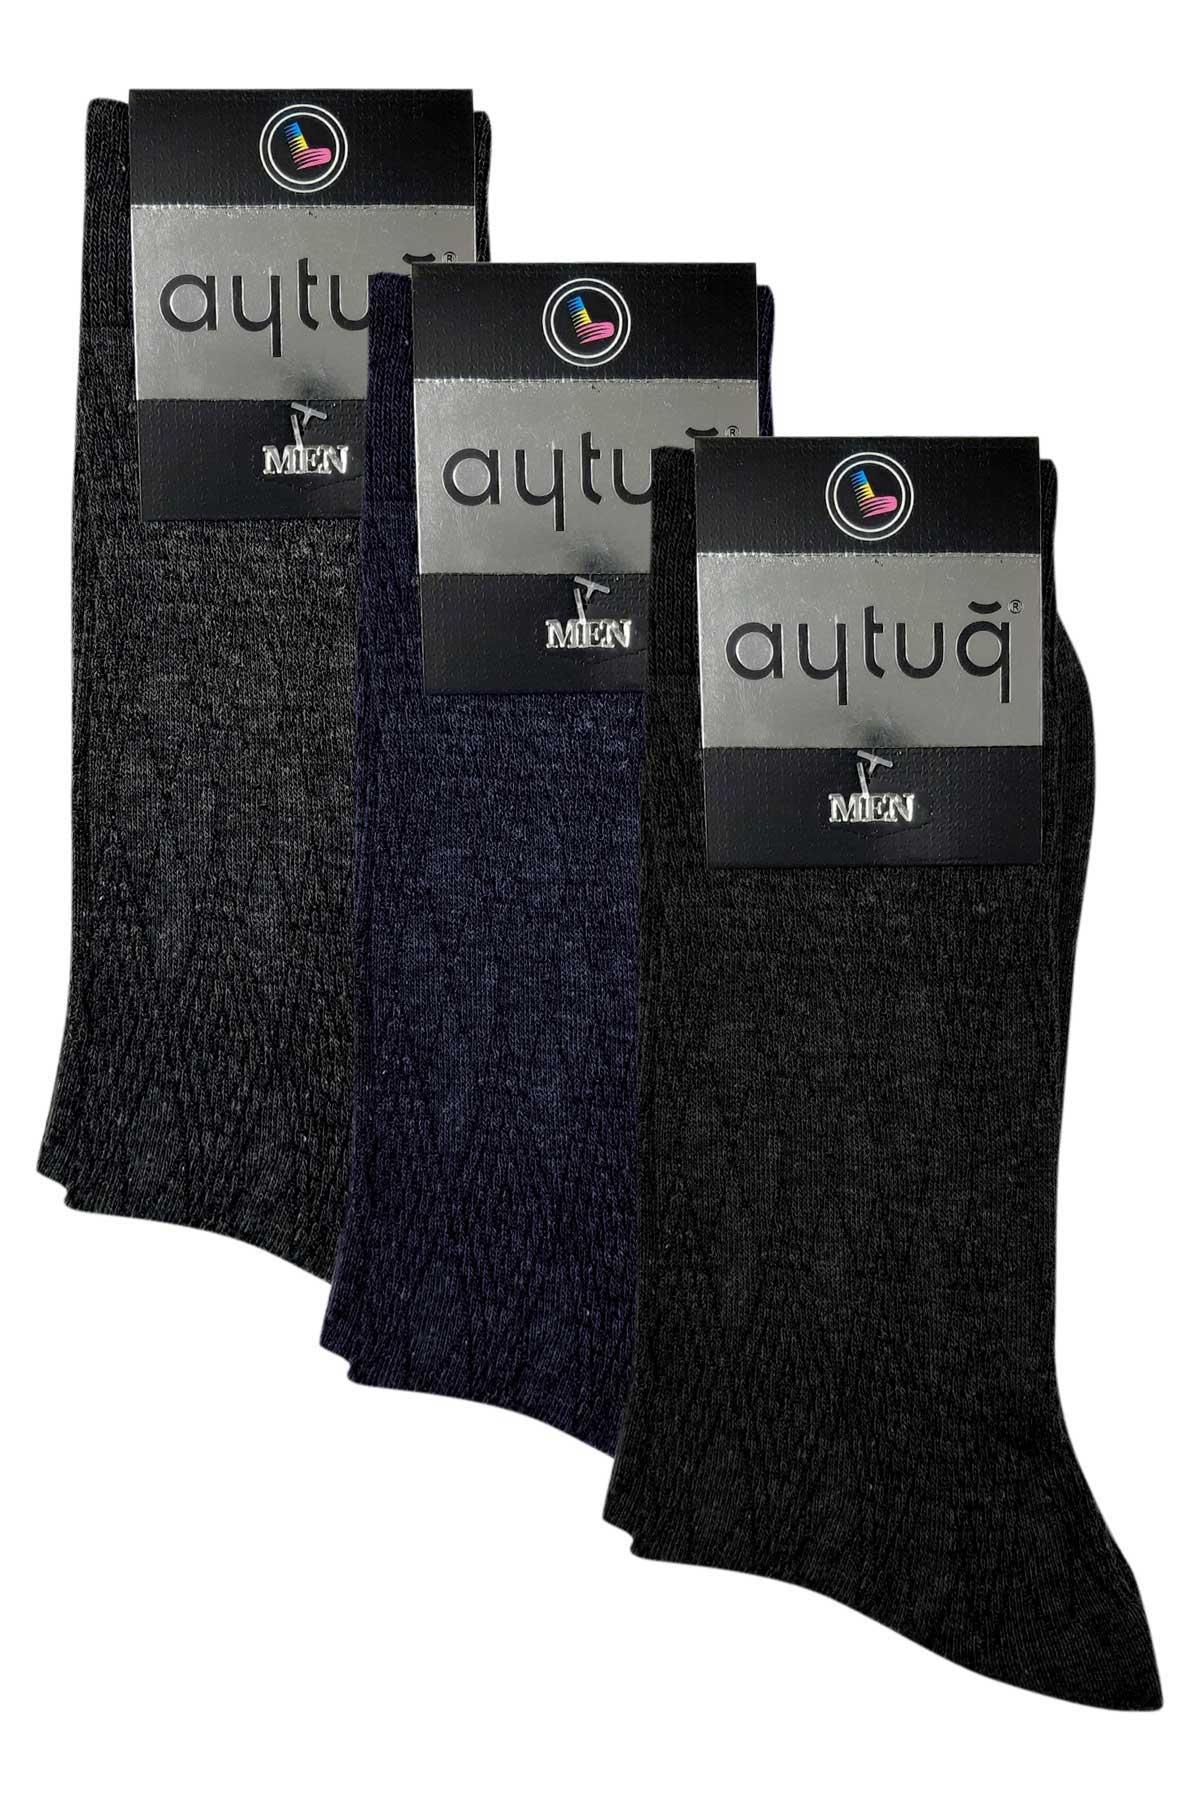 Aytuğ Erkek Soket Çorap Pamuklu - Thumbnail